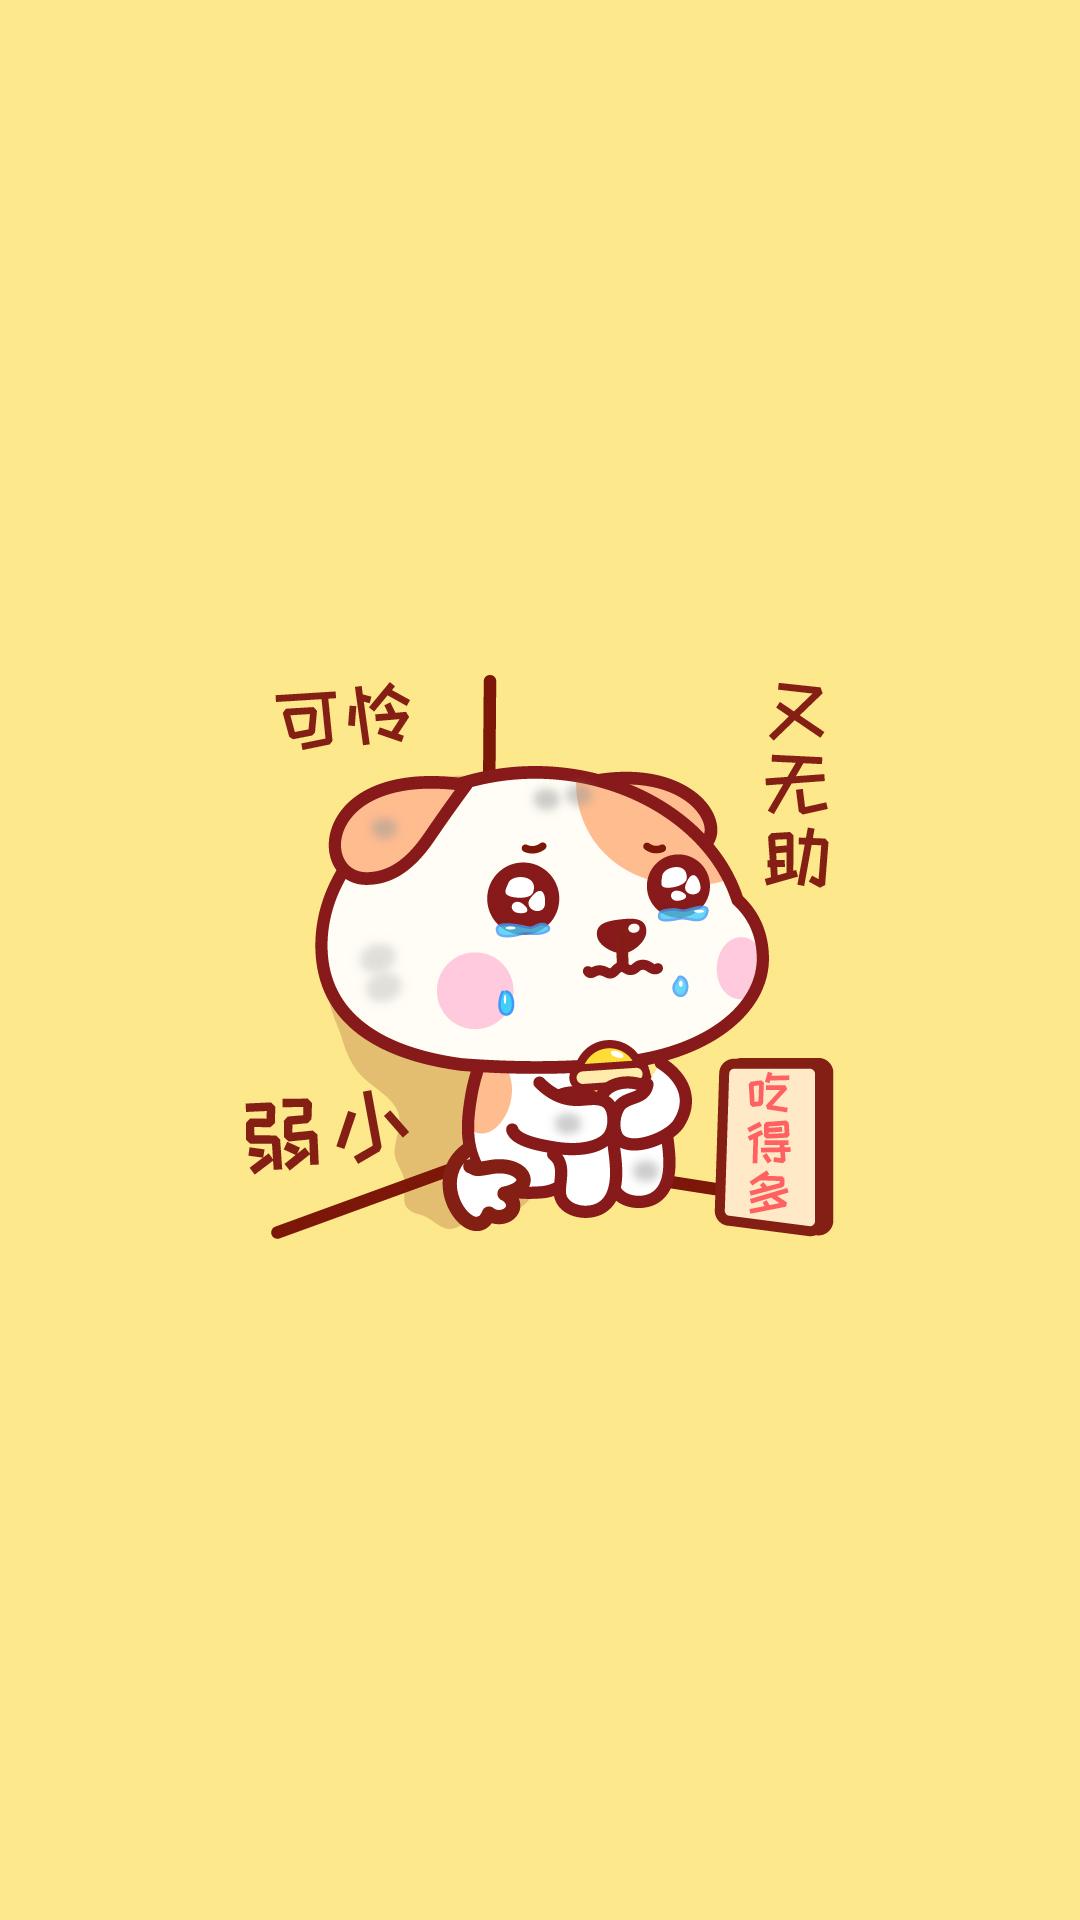 秋田君流行语壁纸